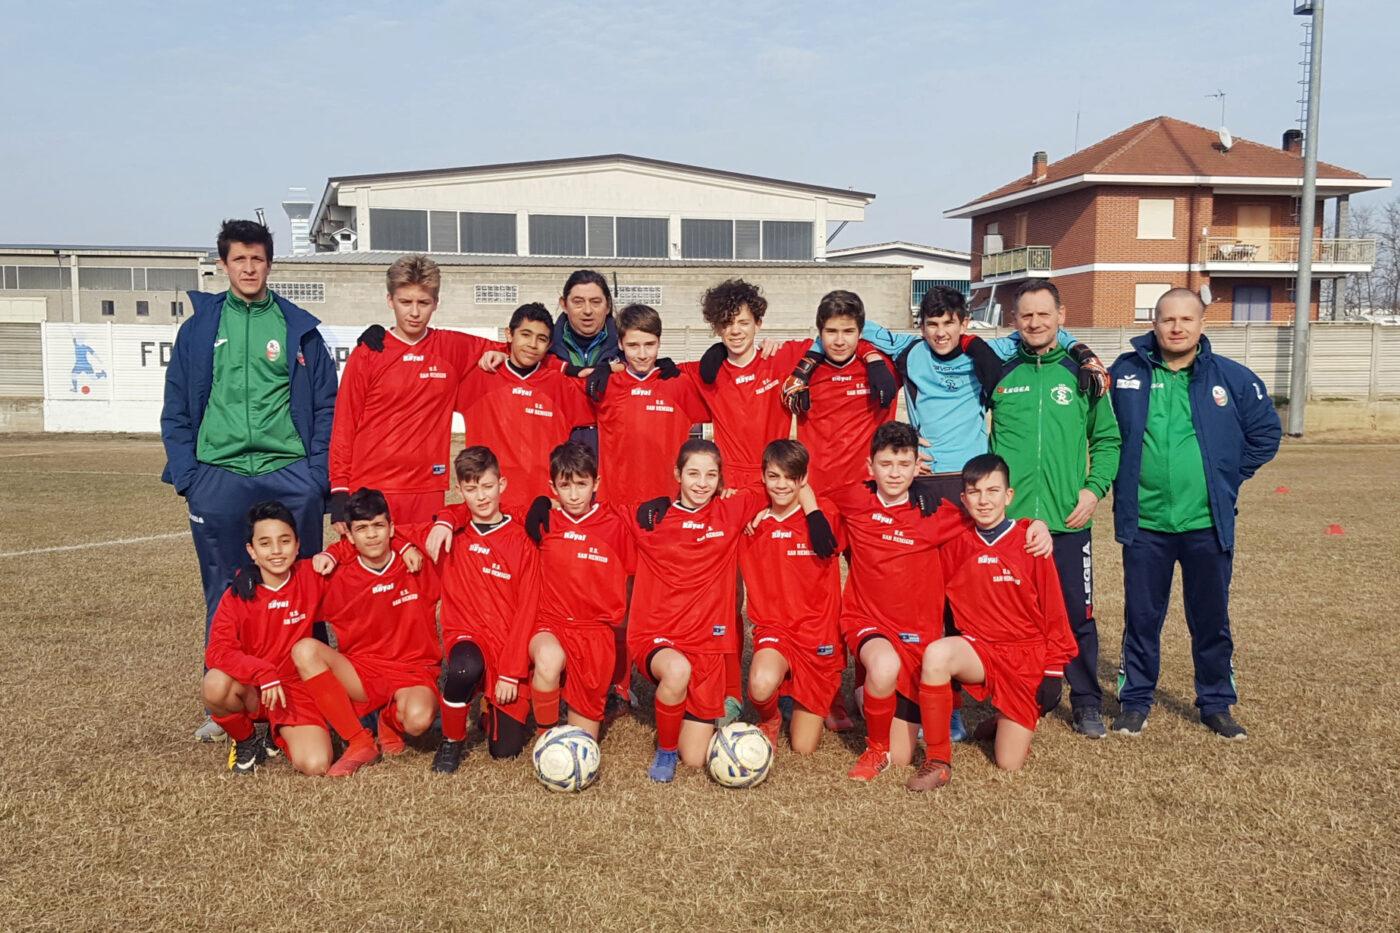 La squadra del San Remiglio under 14 che ha perso contro il Santena